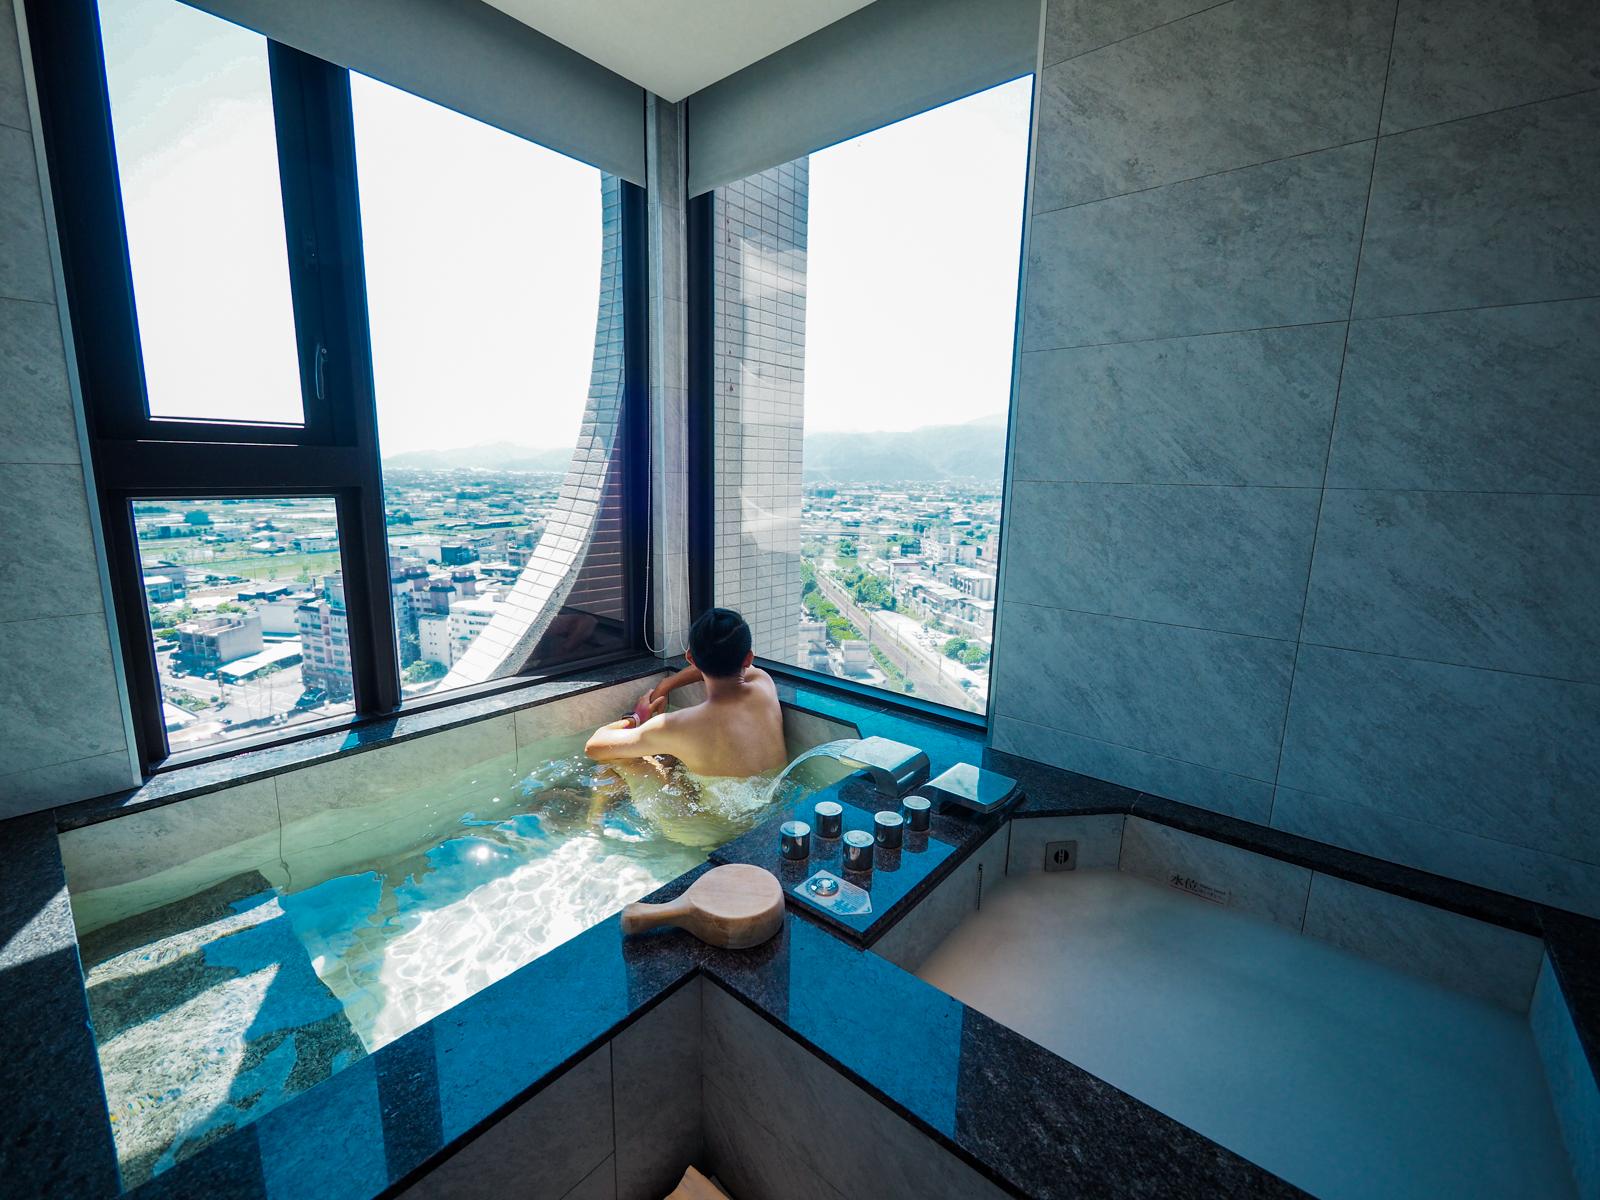 【羅東住宿推薦】村却國際溫泉酒店 最棒的溫泉一泊二食體驗   房間雙湯池好享受